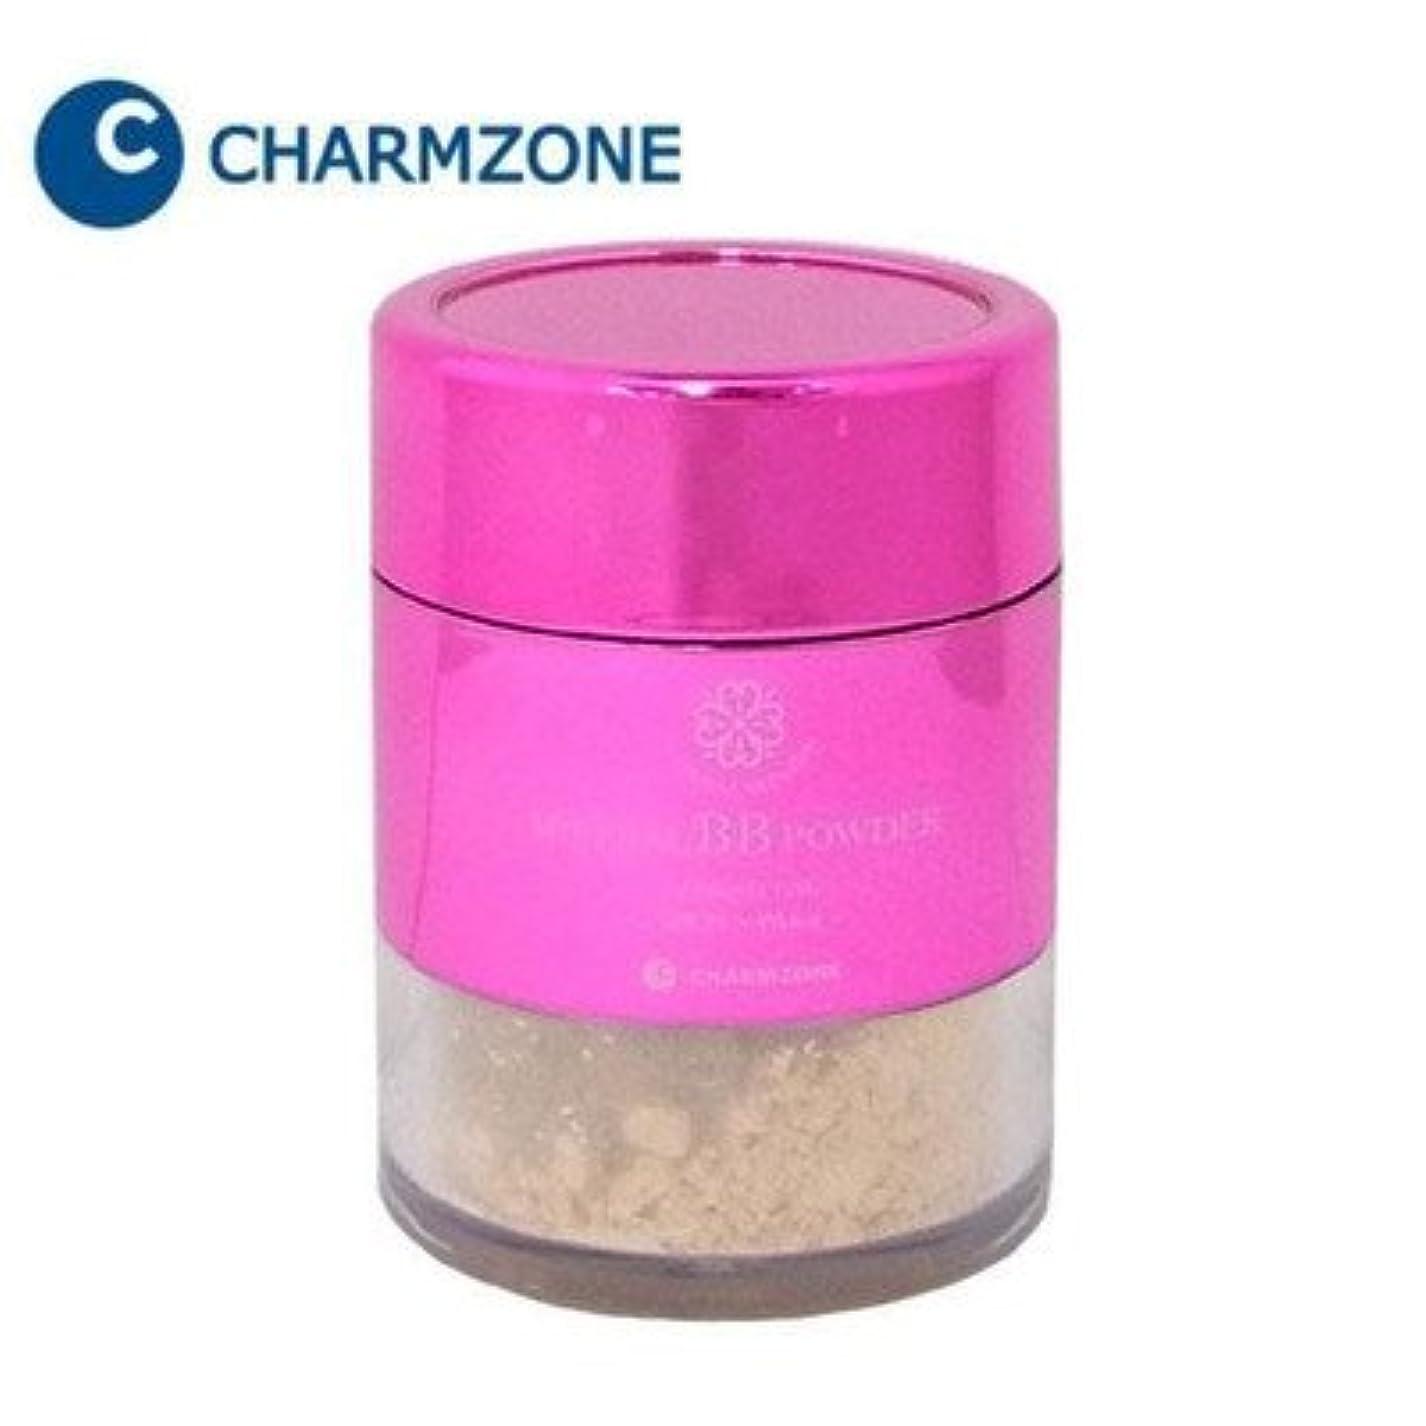 鈍いジャンクトランジスタ77種類の保湿成分配合パウダーでツヤ肌に チャームゾーン ナチュラルスキンエード ミネラルBBパウダー プレミアム 10g